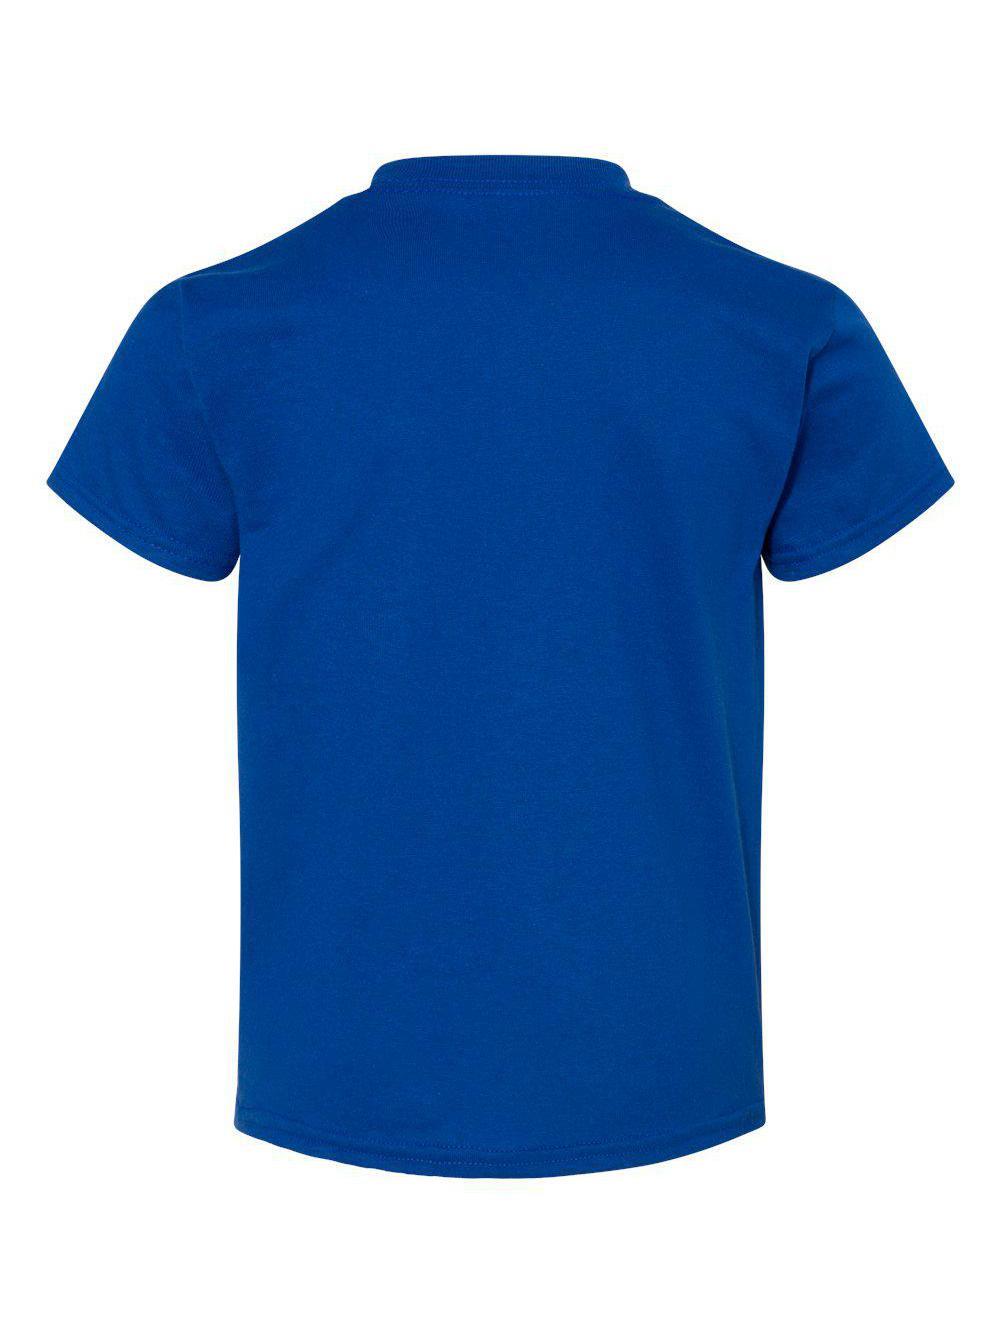 Gildan-DryBlend-Youth-50-50-T-Shirt-8000B thumbnail 103